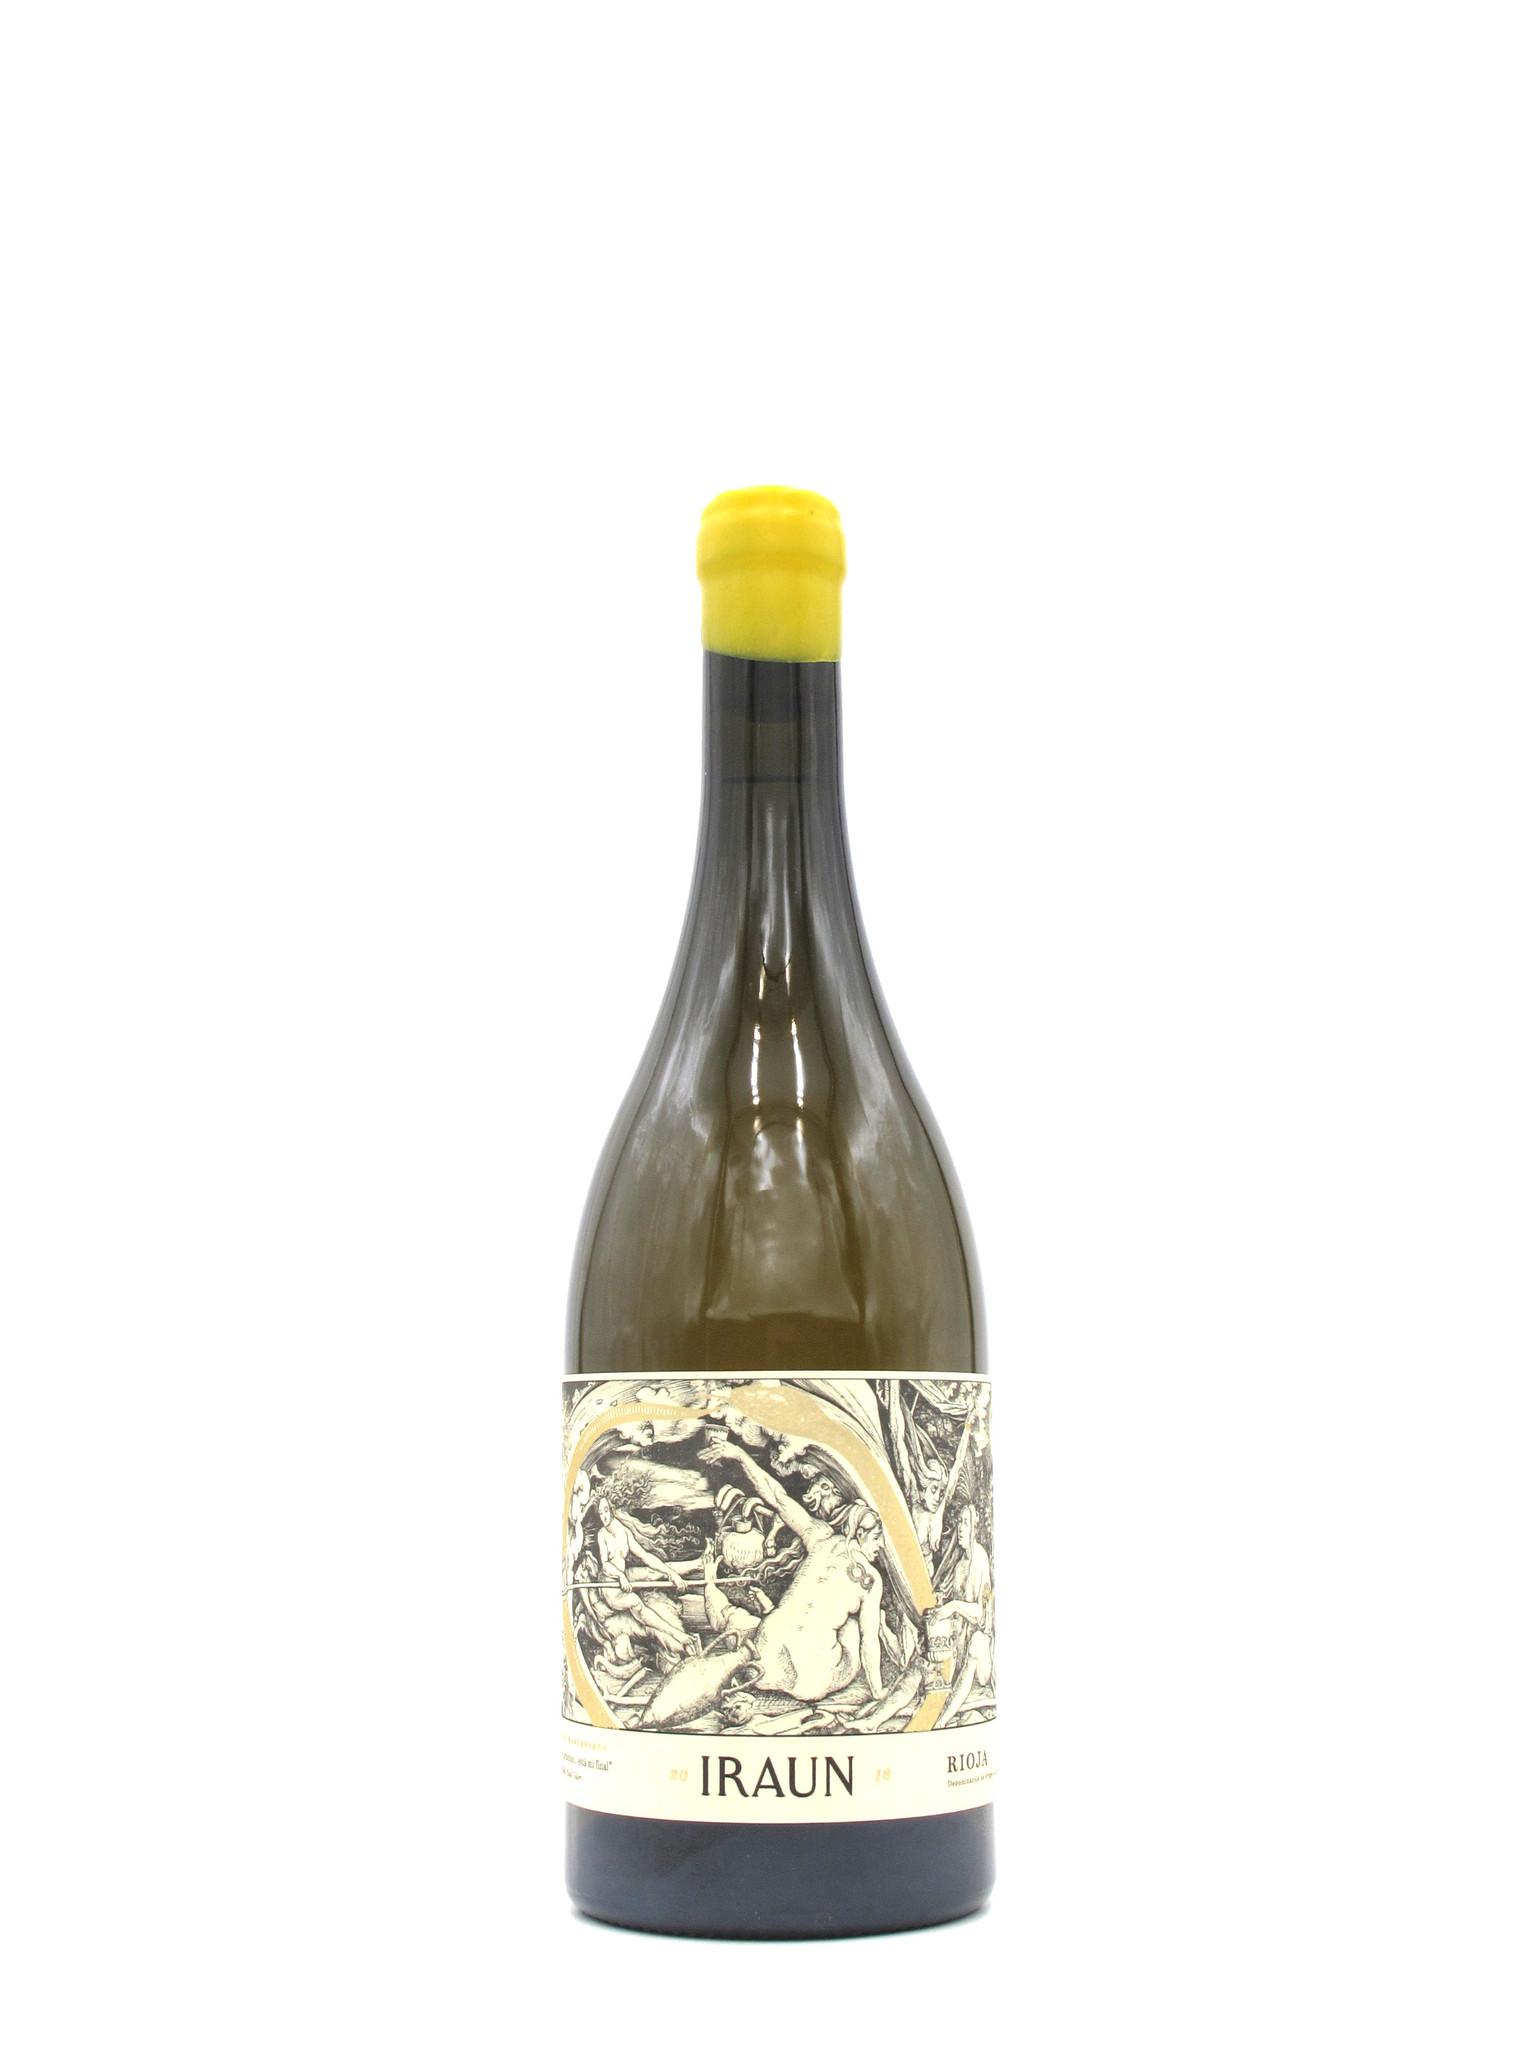 Oxer Bastegieta 2018 Oxer Bastegieta 'Iruan' Rioja 750ml